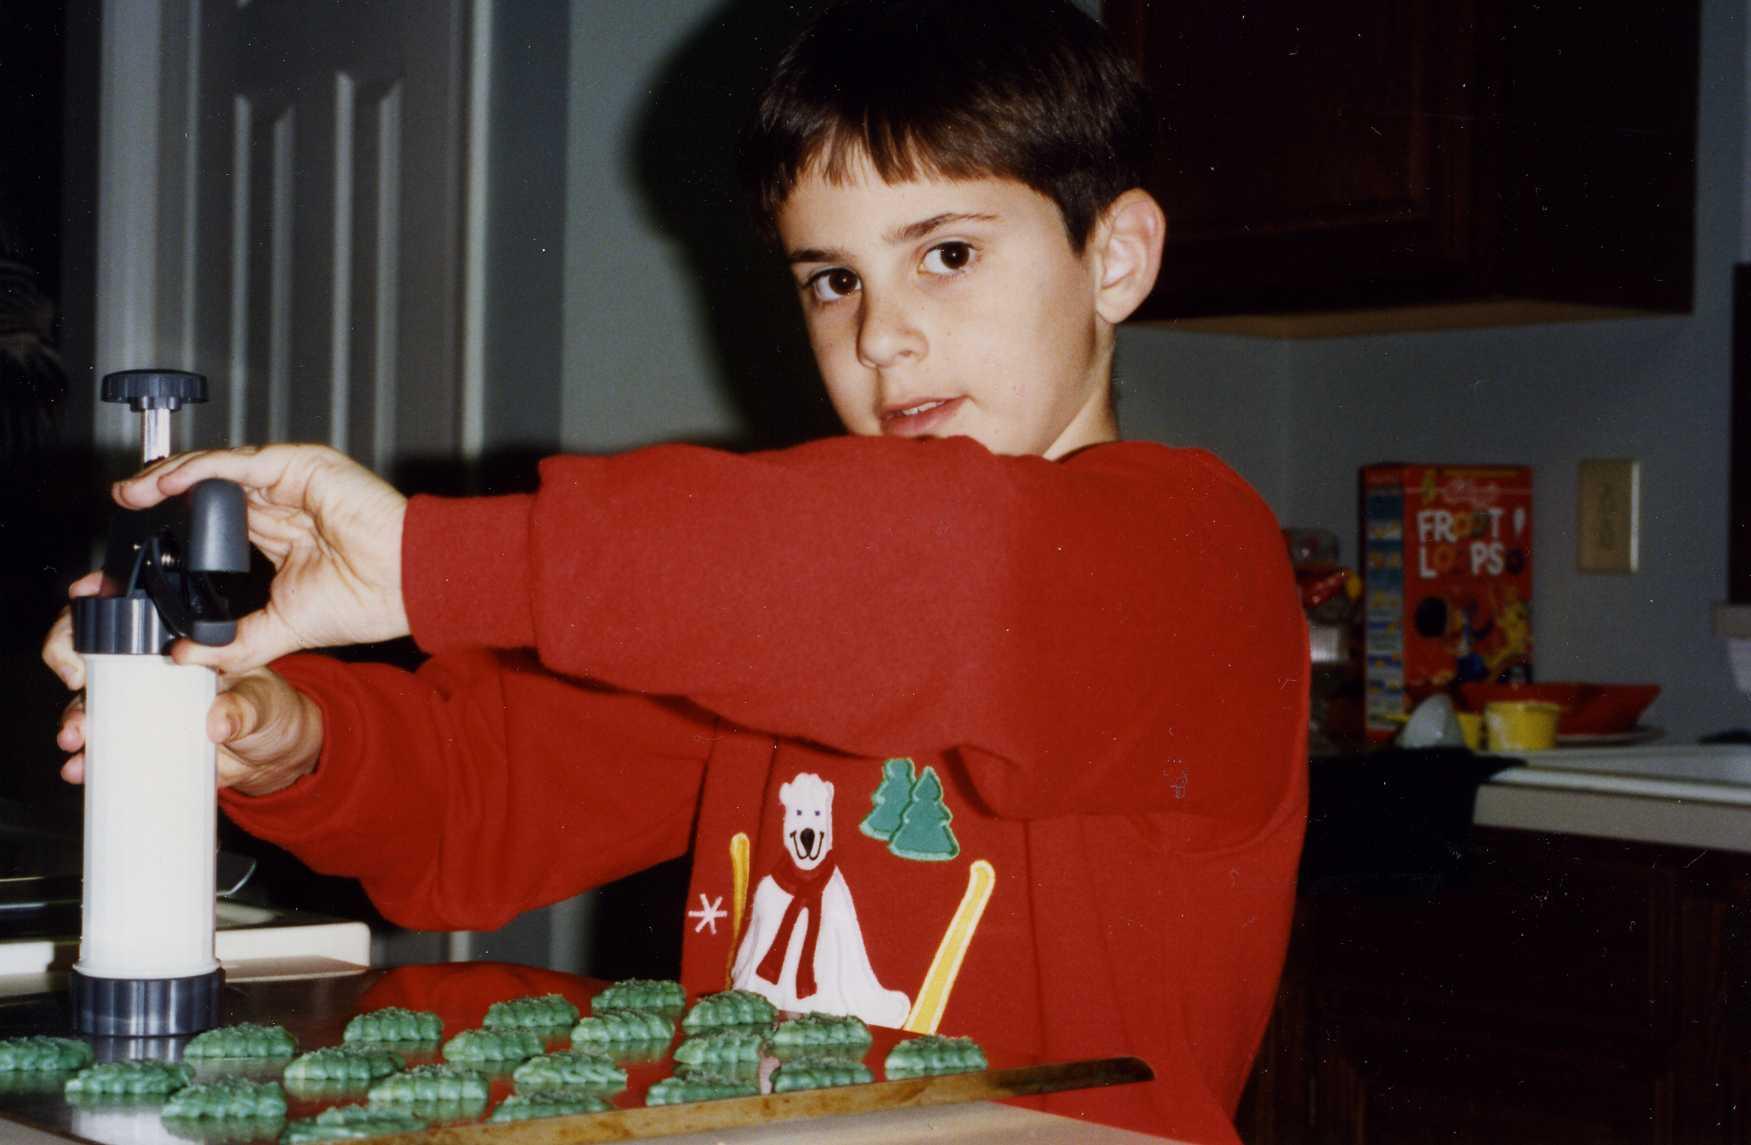 Vance making spritz cookies